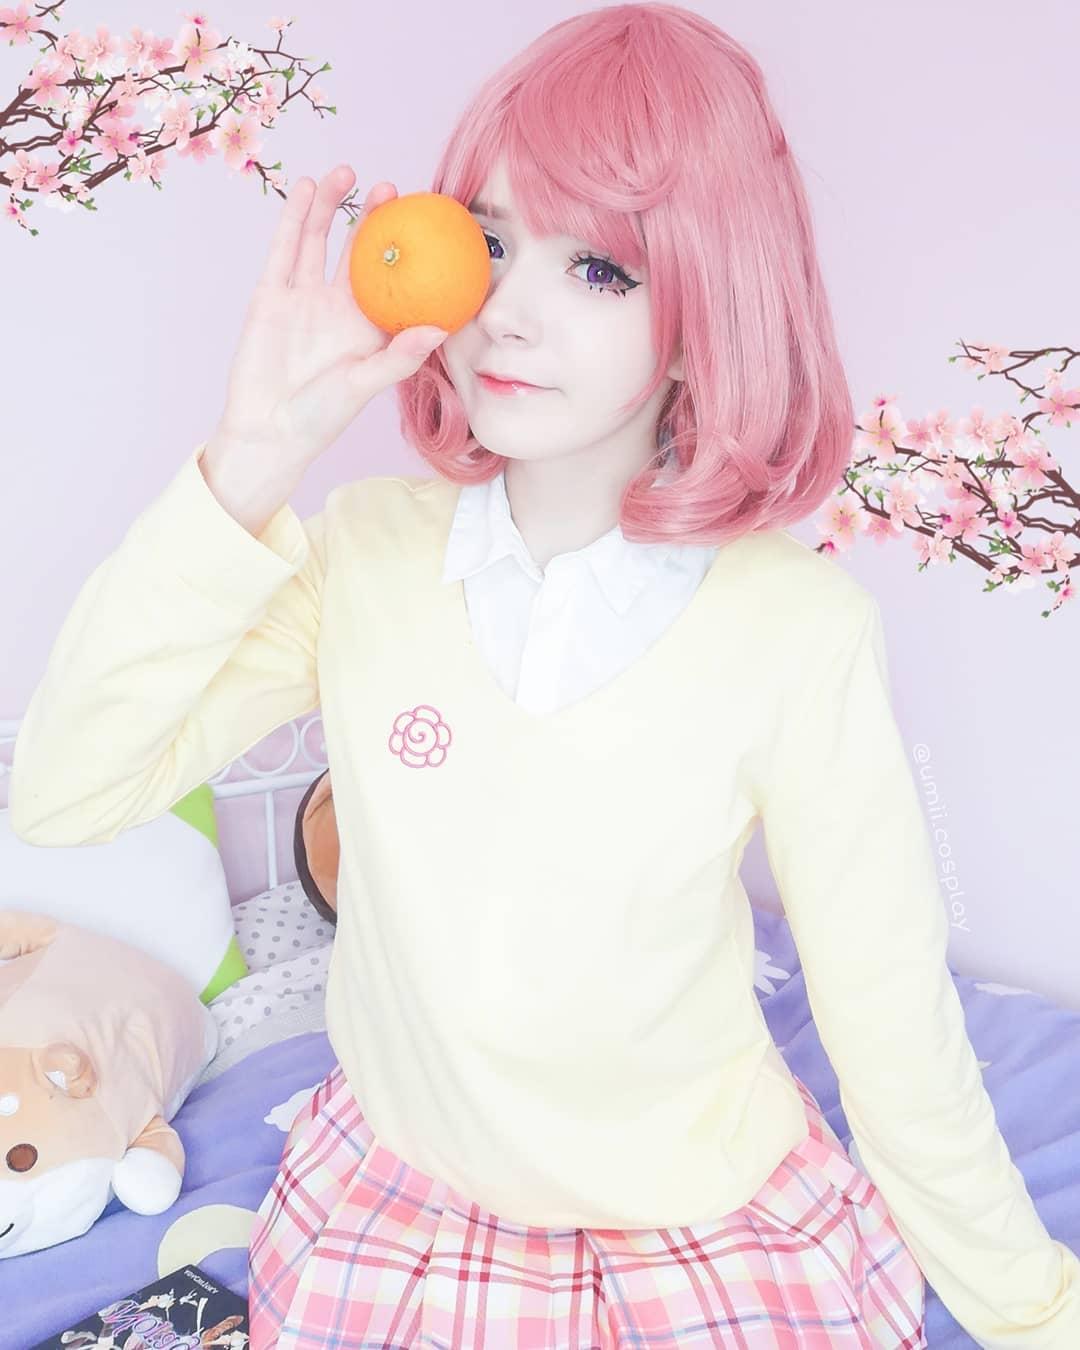 Fotografía de la cosplayer Umii haciendo de Kofuku de Noragami mientras sostiene una mandarina en su ojo derecho y al fondo se ve una cama con peluches y una pared en color rosa.